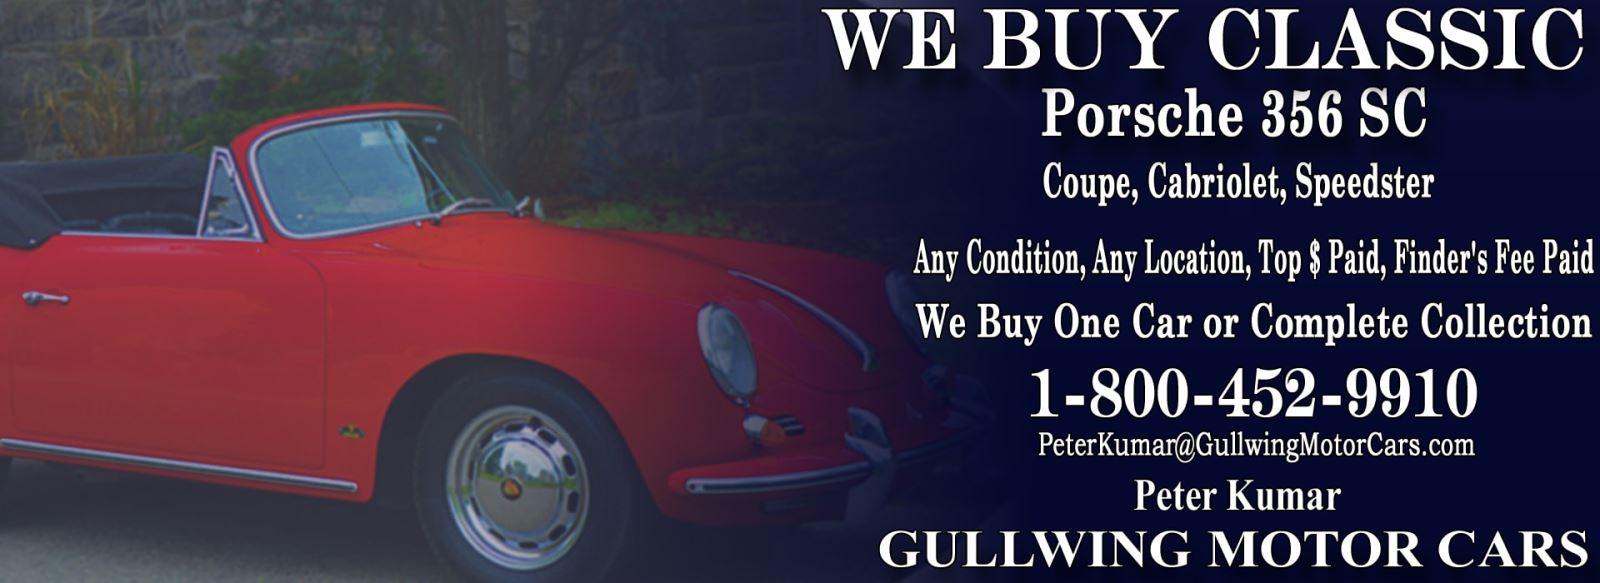 Classic Porsche 356 SC  for sale, we buy vintage Porsche 356 SC. Call Peter Kumar. Gullwing Motor